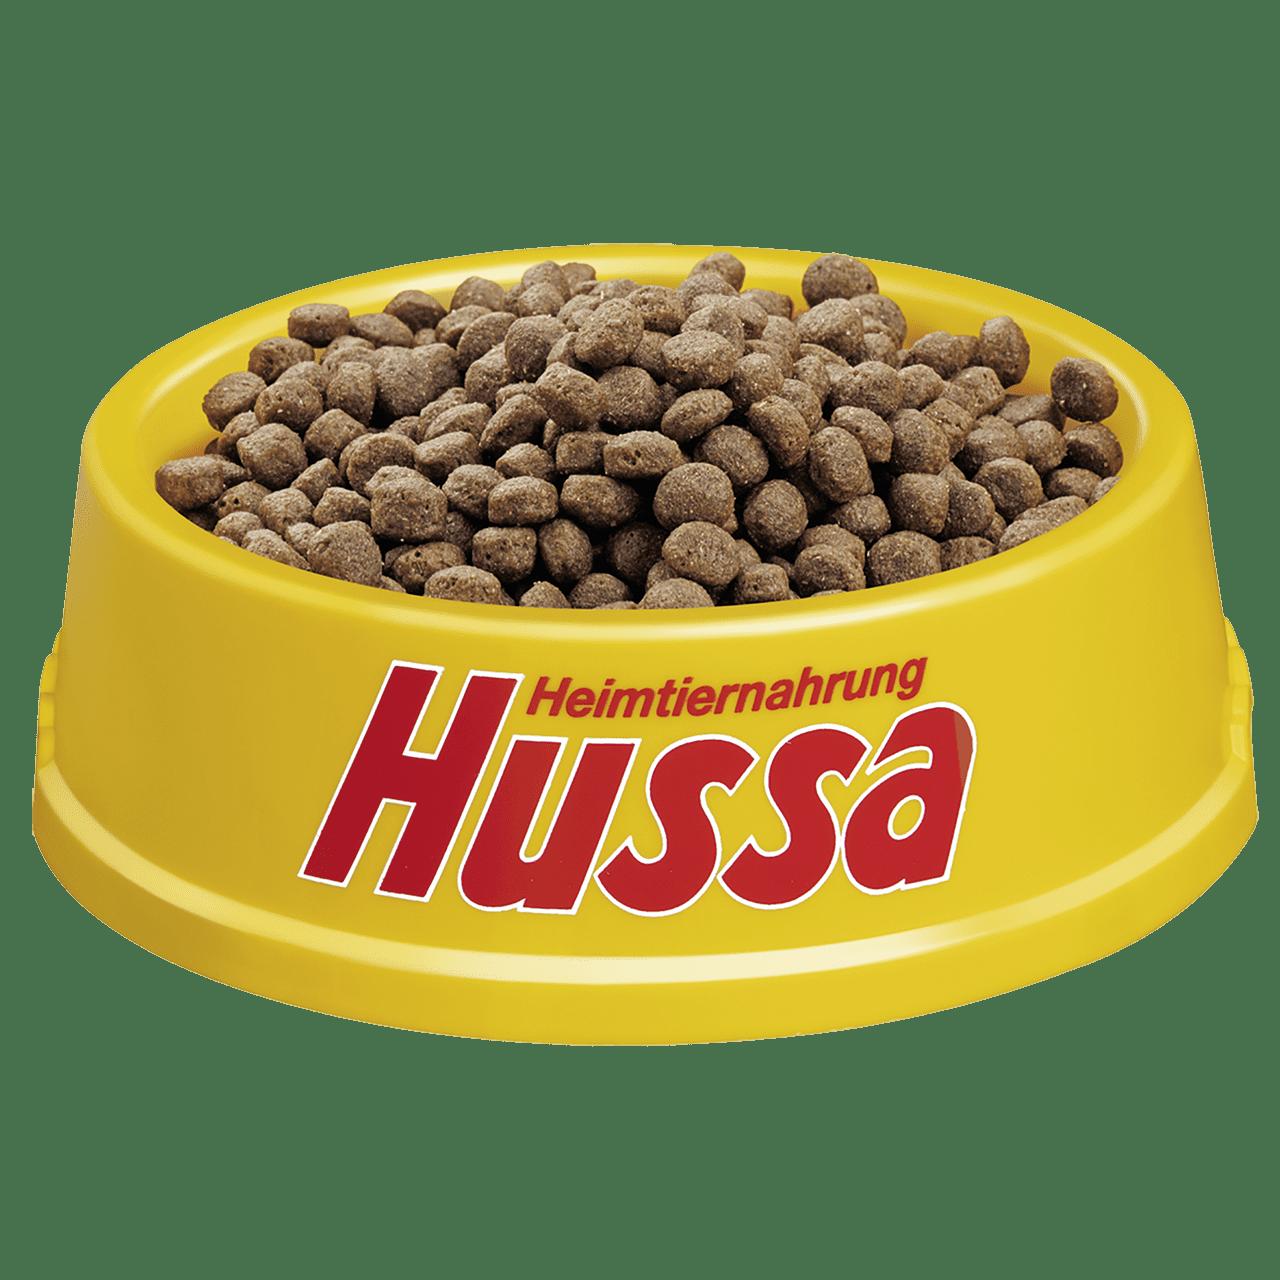 HUSSA BROCKEN